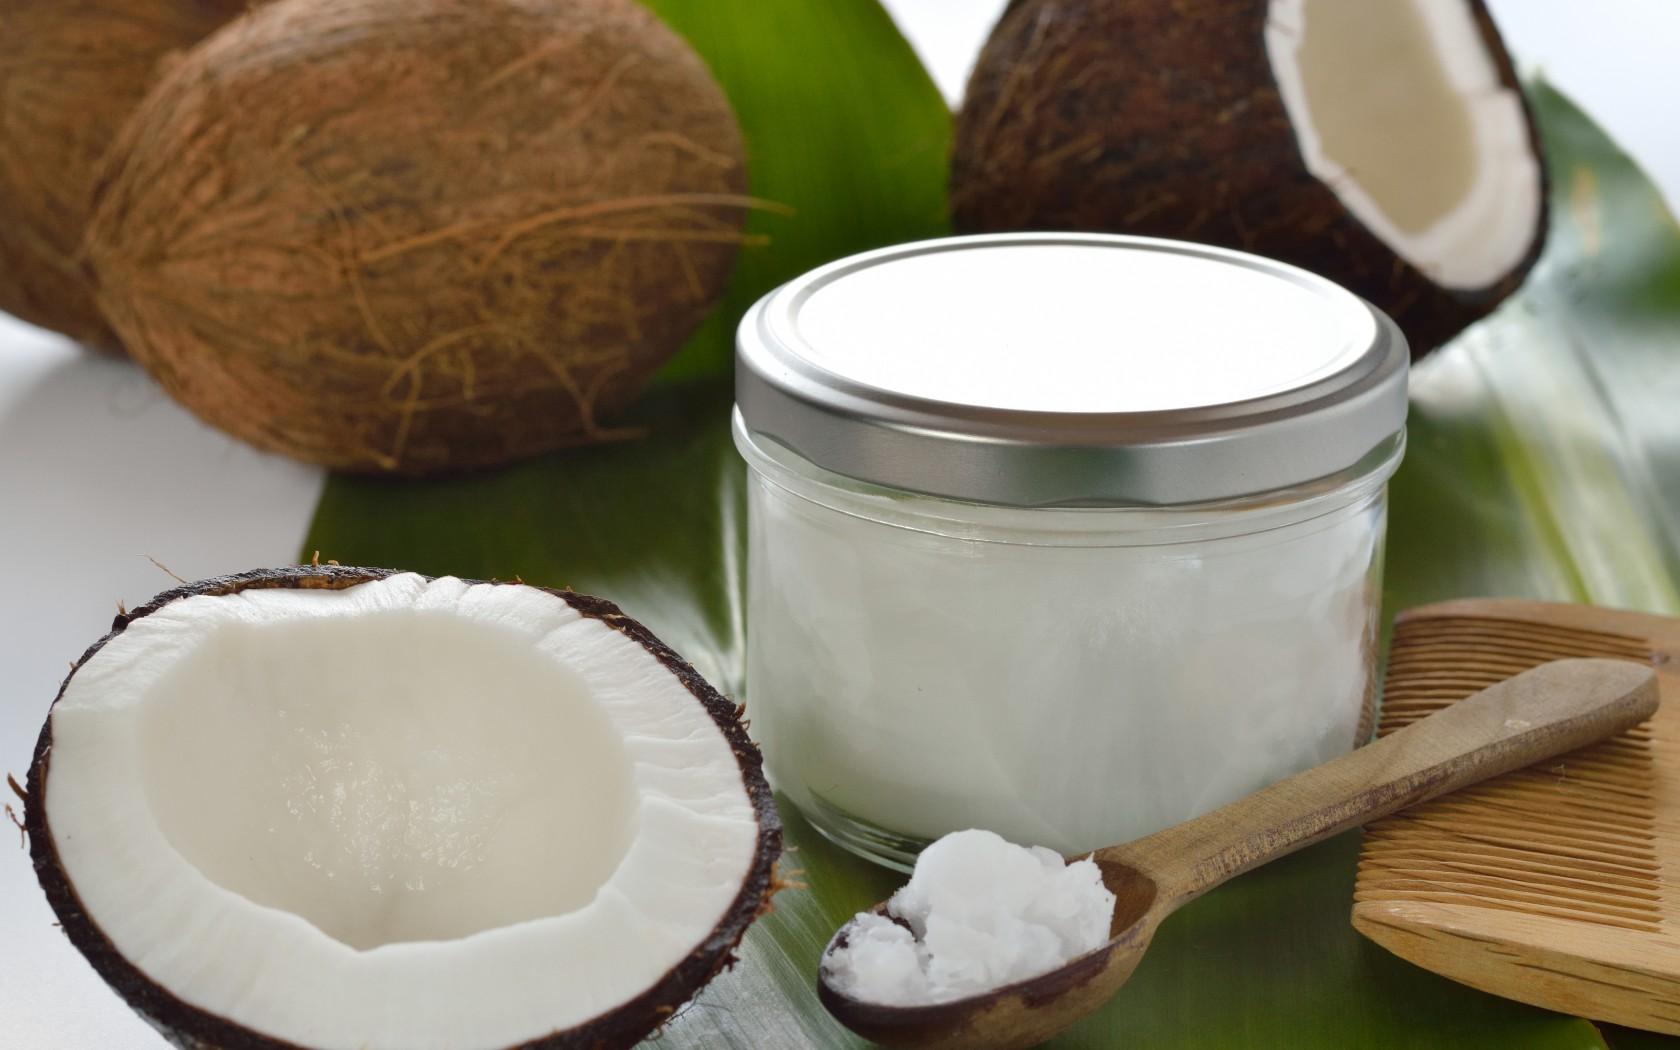 kokosovy olej vyuzitie